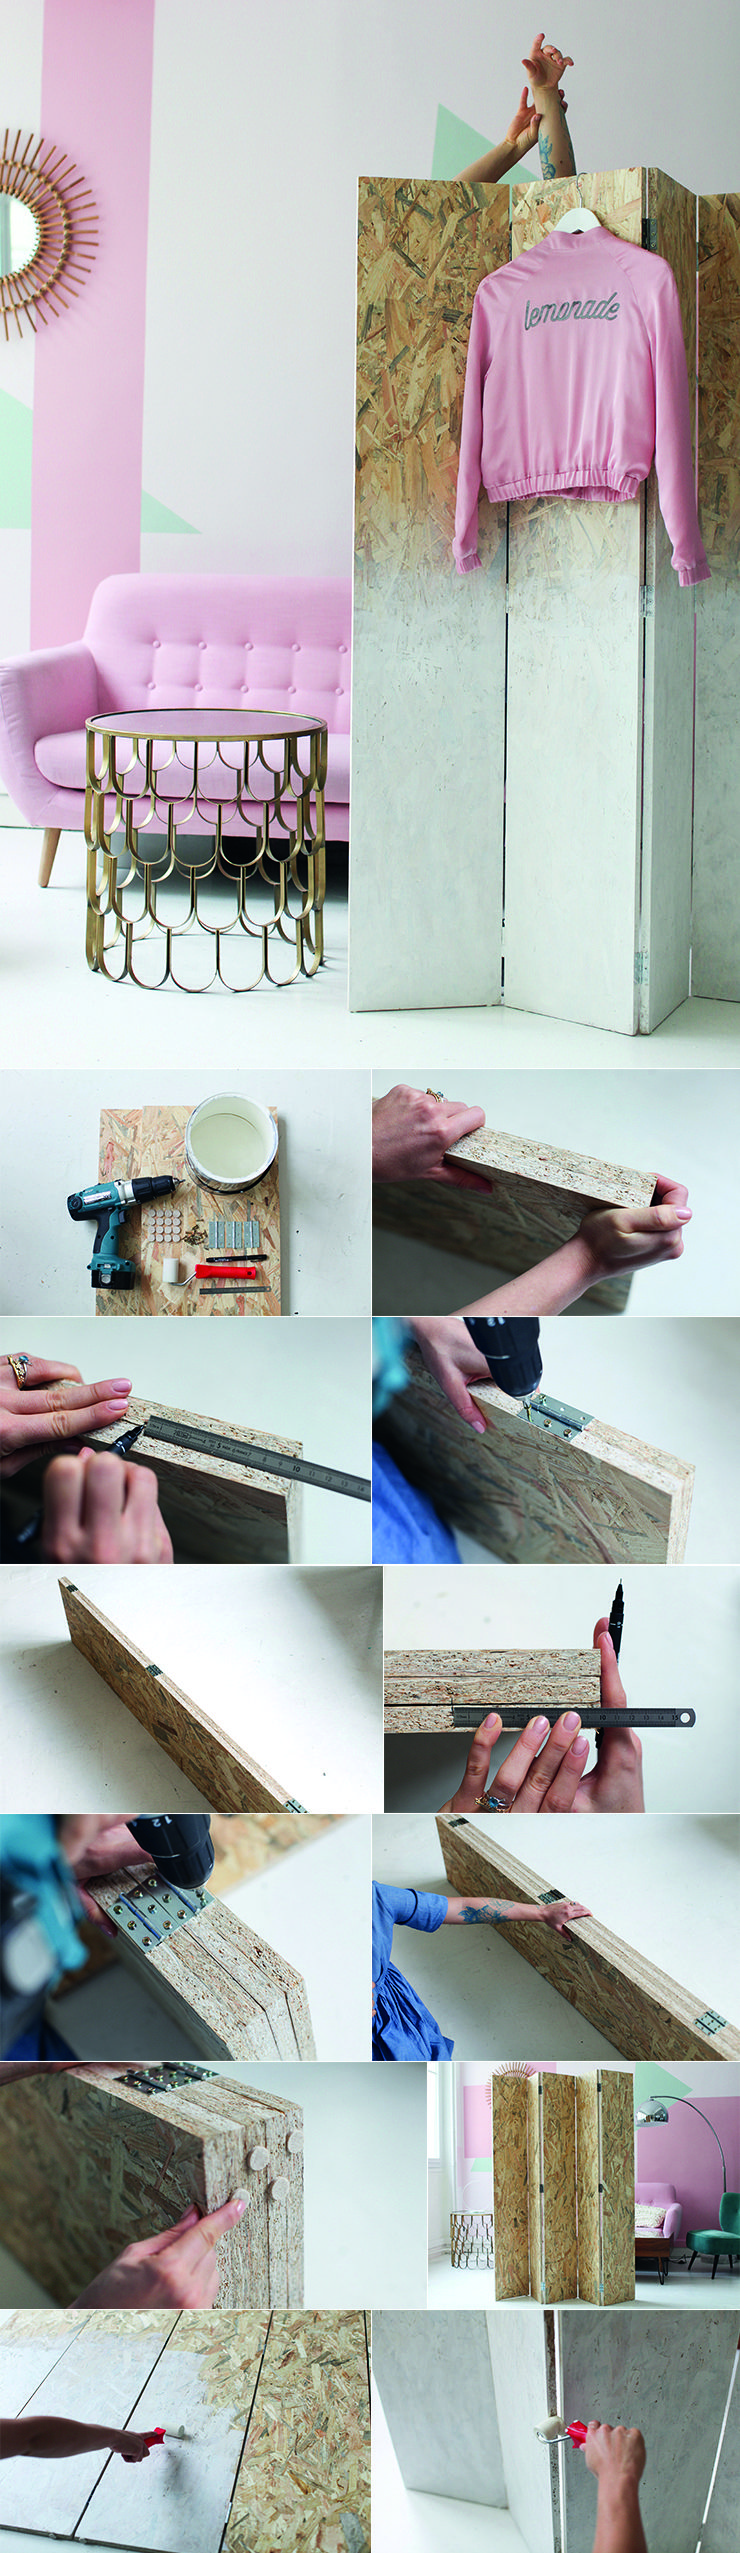 pin von monochrome diy basteln und selber machen auf diy basteln selbst gemacht m bel. Black Bedroom Furniture Sets. Home Design Ideas